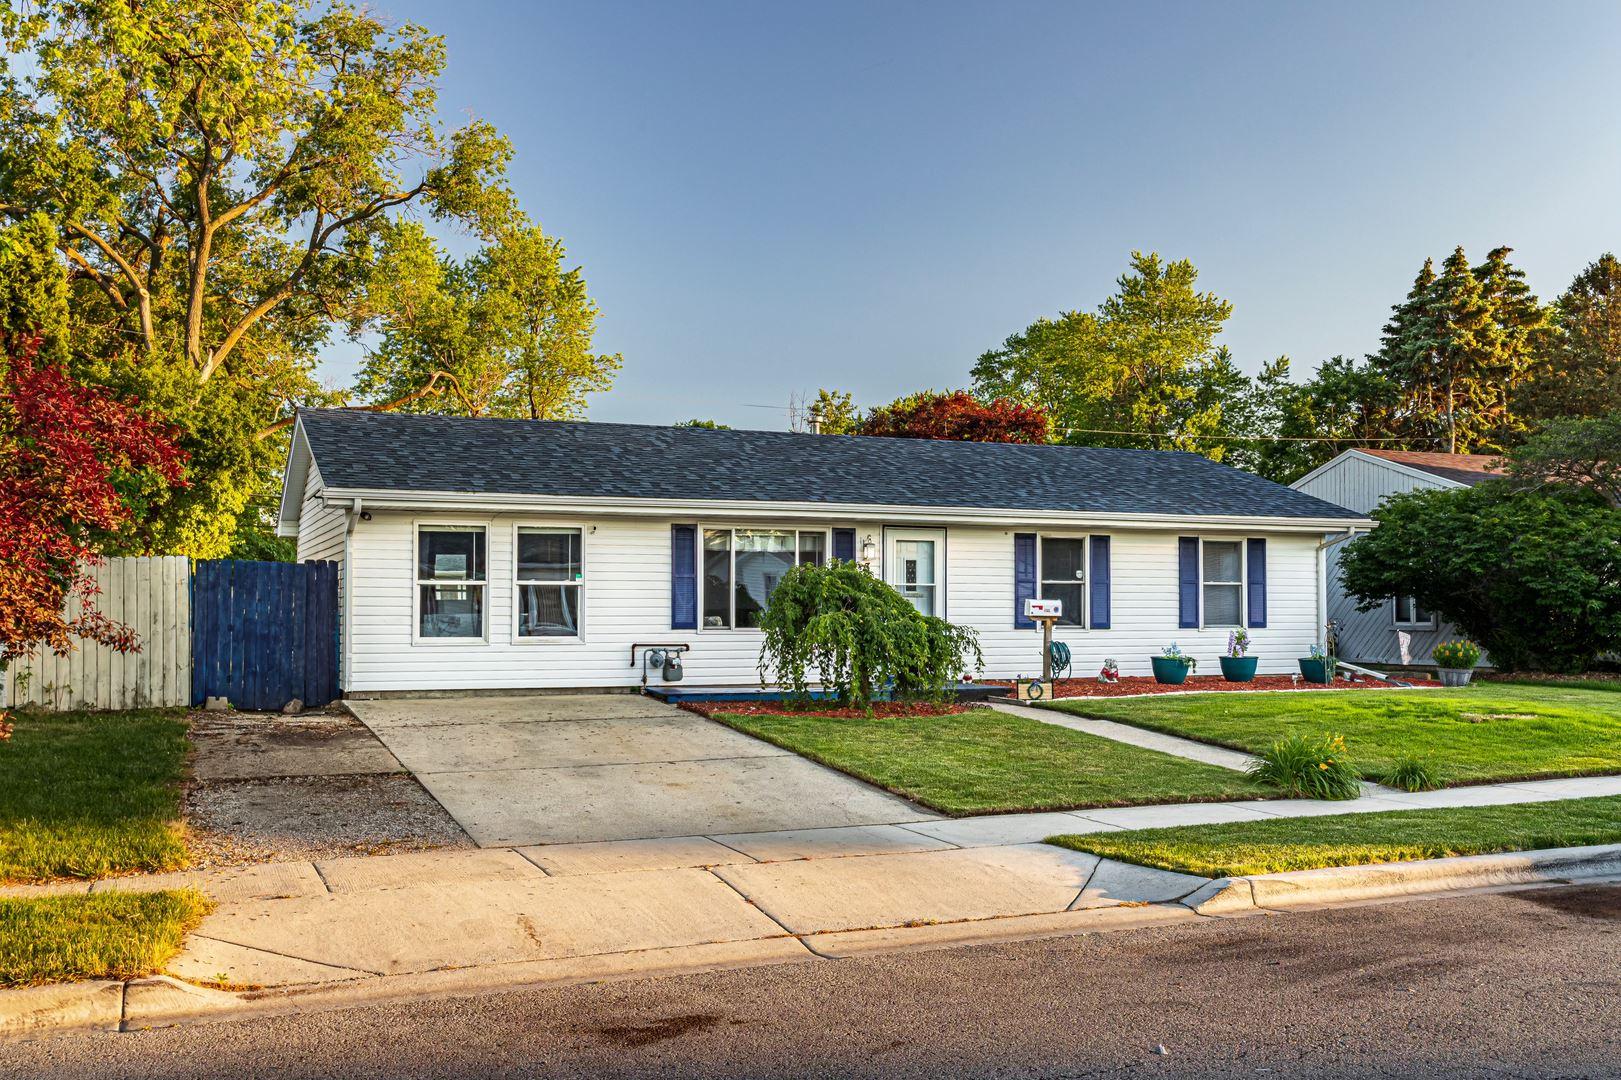 Photo of 3 Concord Avenue, Romeoville, IL 60446 (MLS # 11123381)